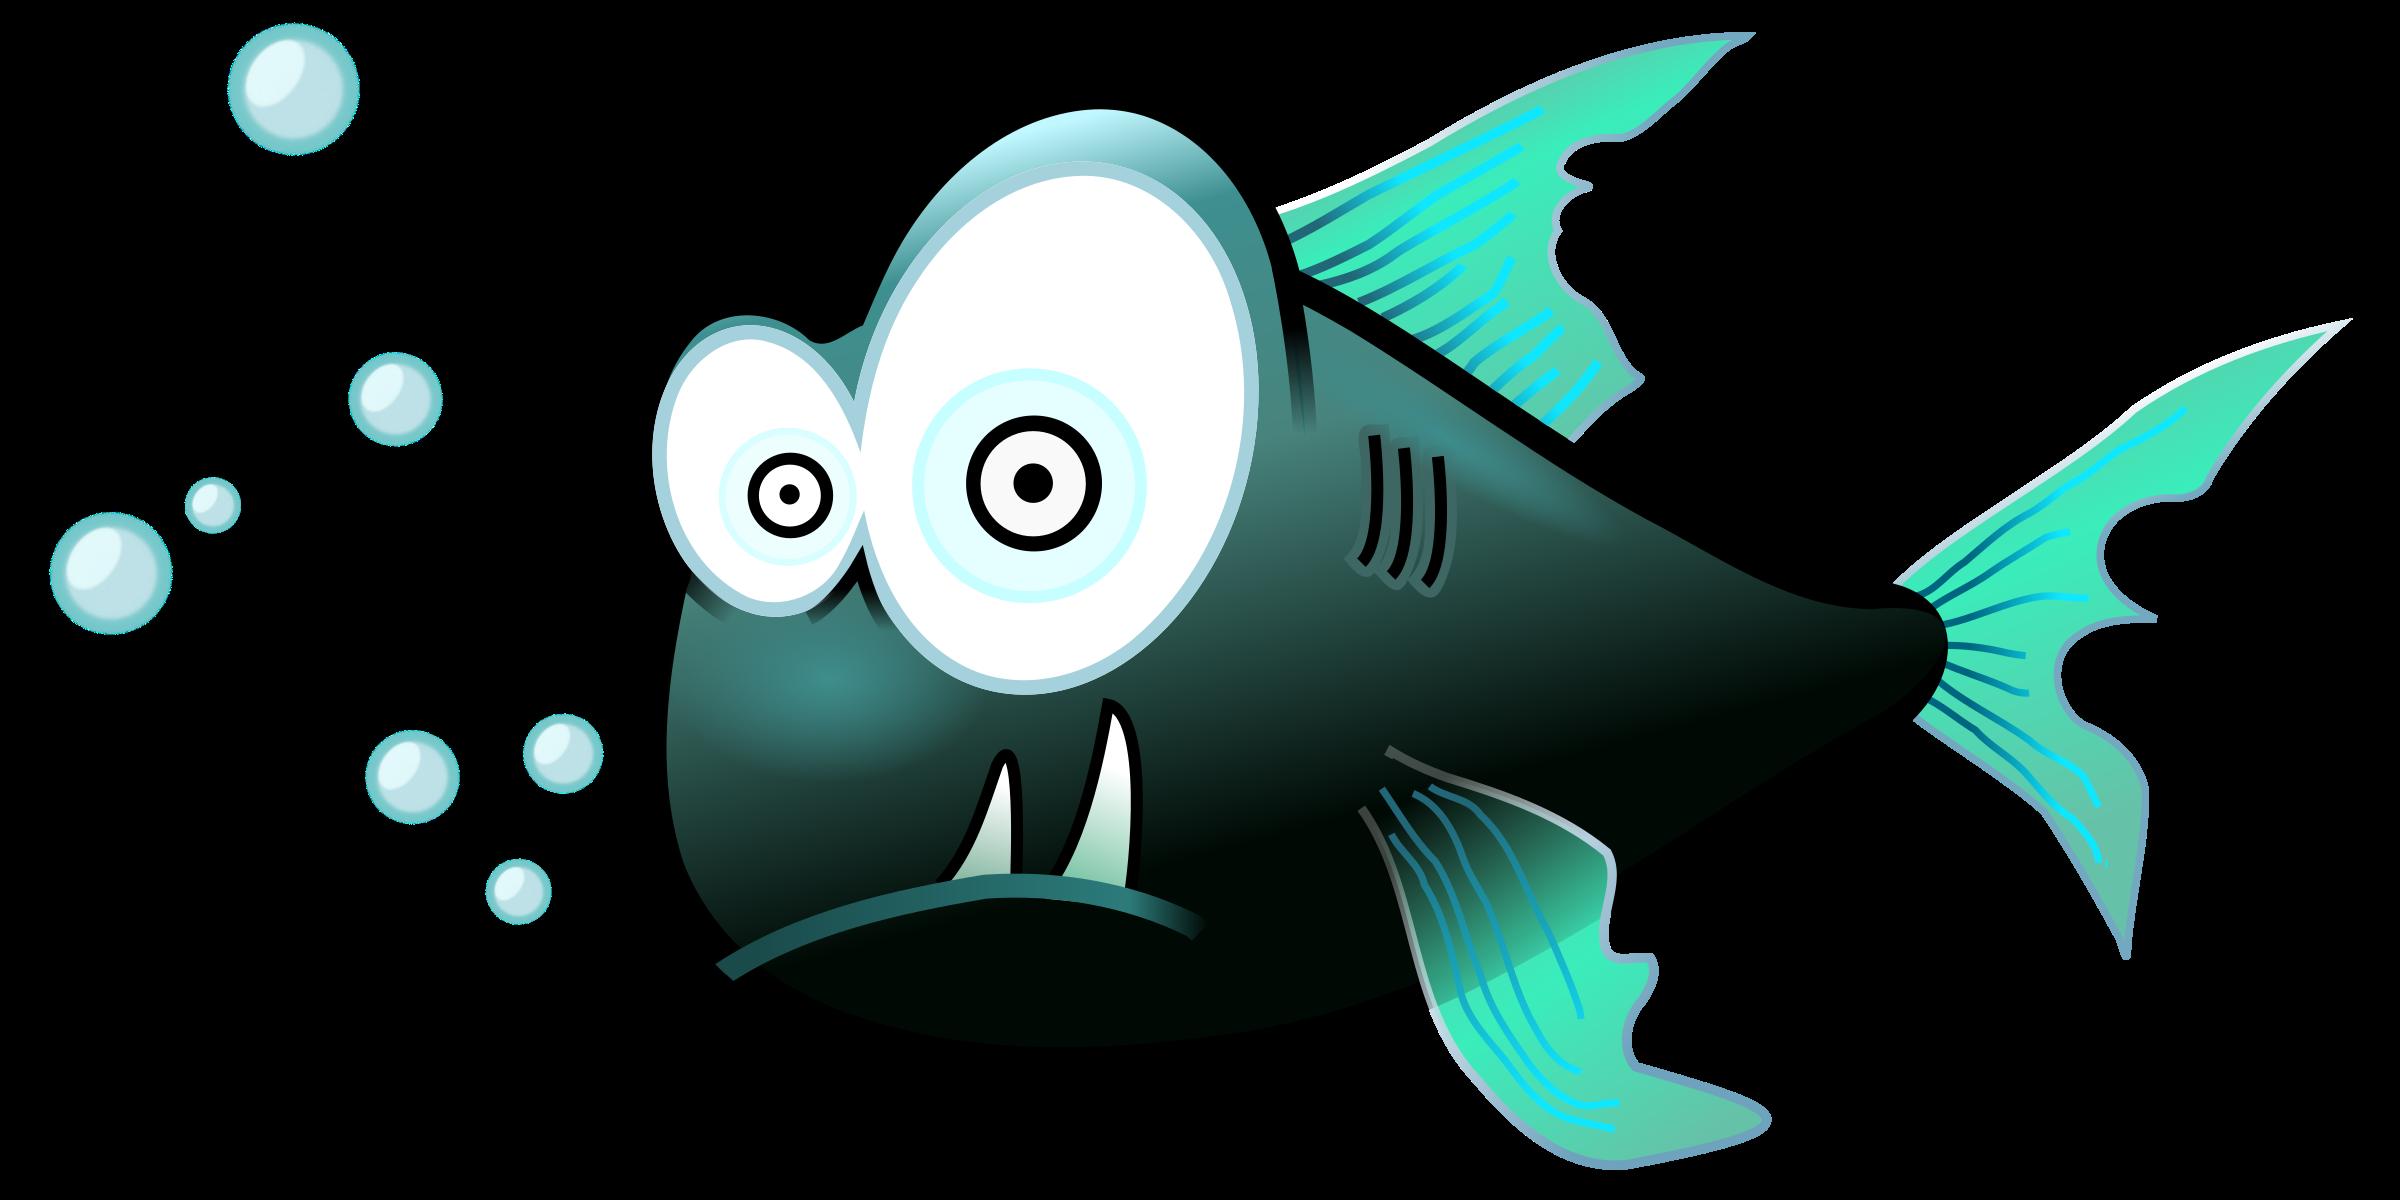 Raffle clipart cartoon. Piranha hungry many interesting